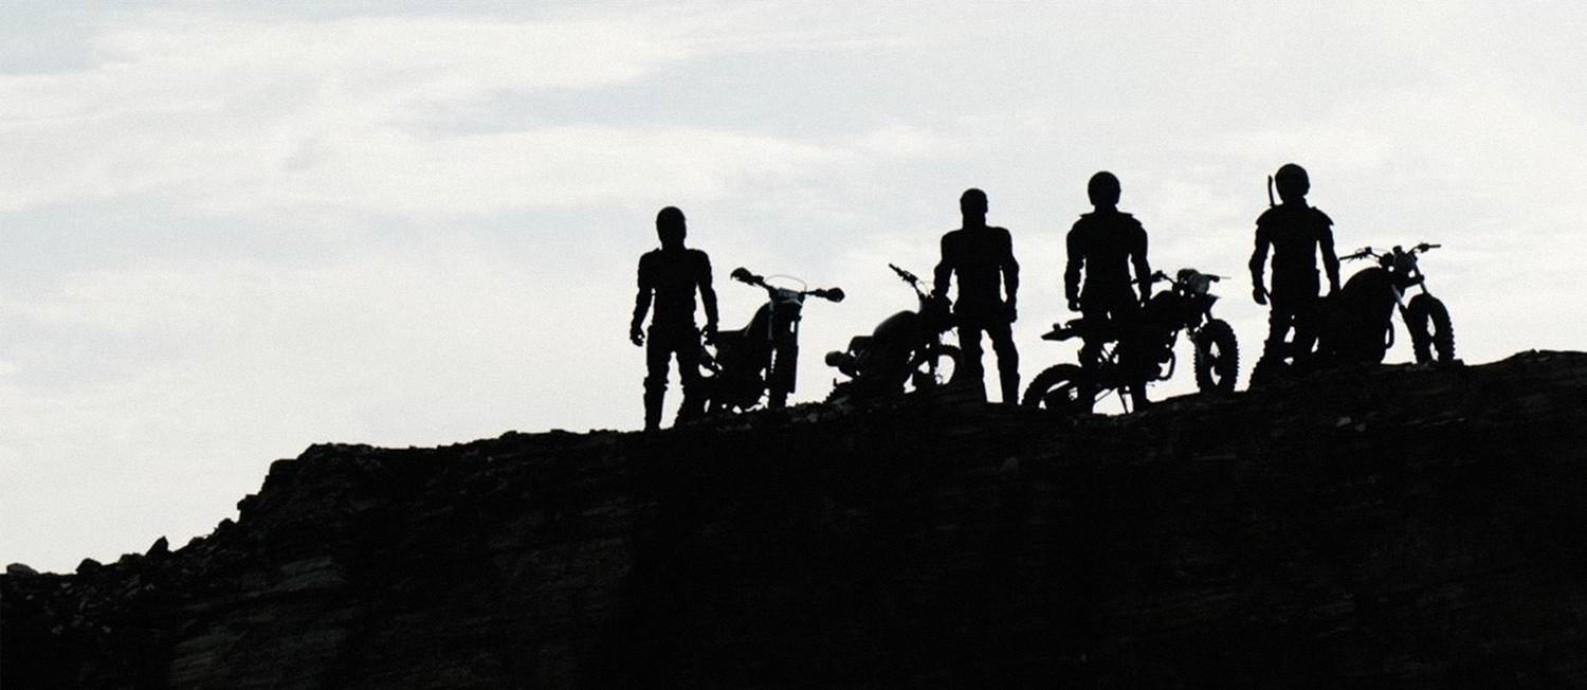 Motociclistas do mal perseguem outro grupo que faz motocross em 'Motorrad' Foto: Divulgação